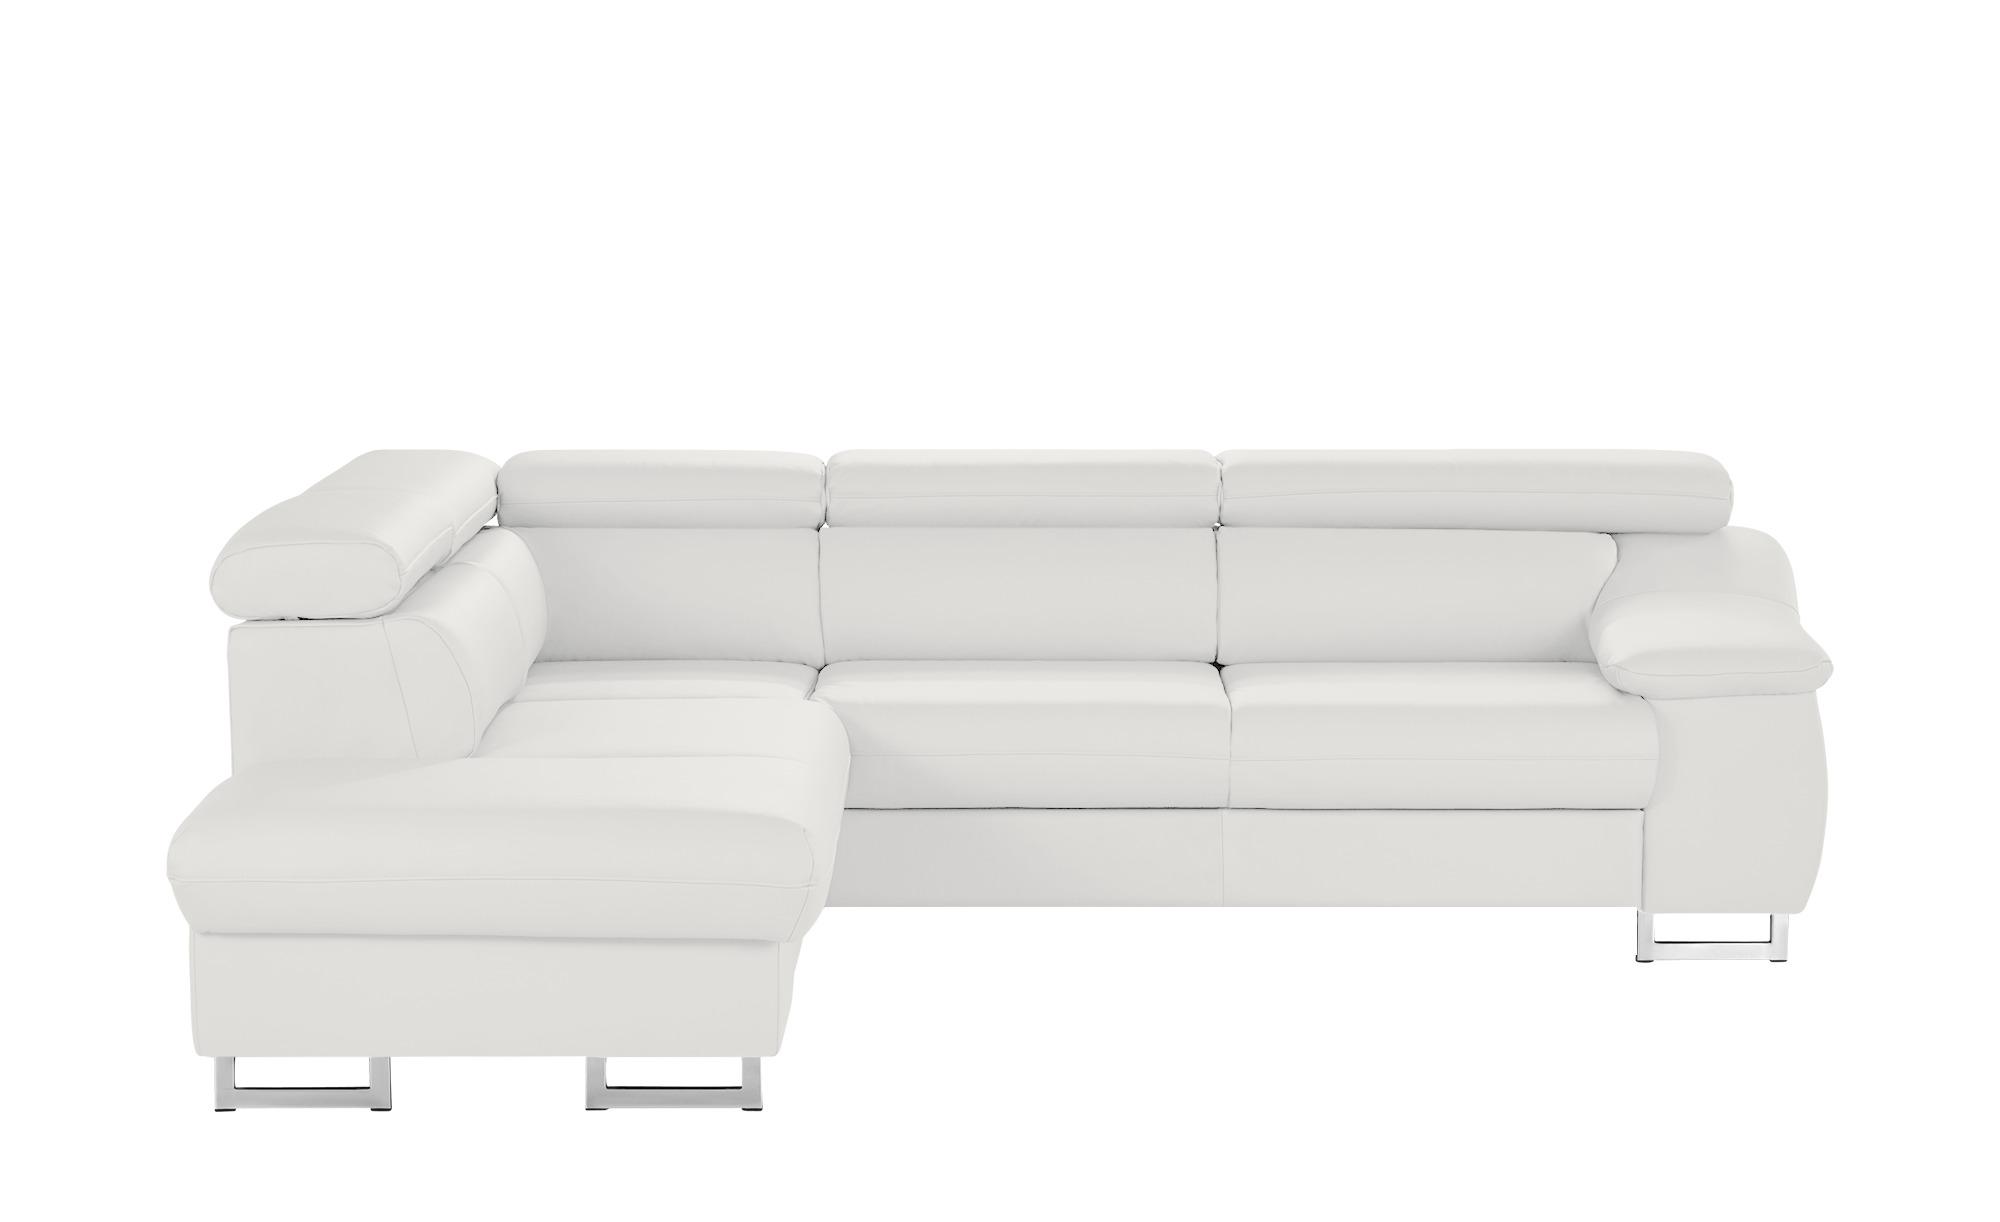 uno leder ecksofa liberty breite h he 81 cm wei online kaufen bei woonio. Black Bedroom Furniture Sets. Home Design Ideas